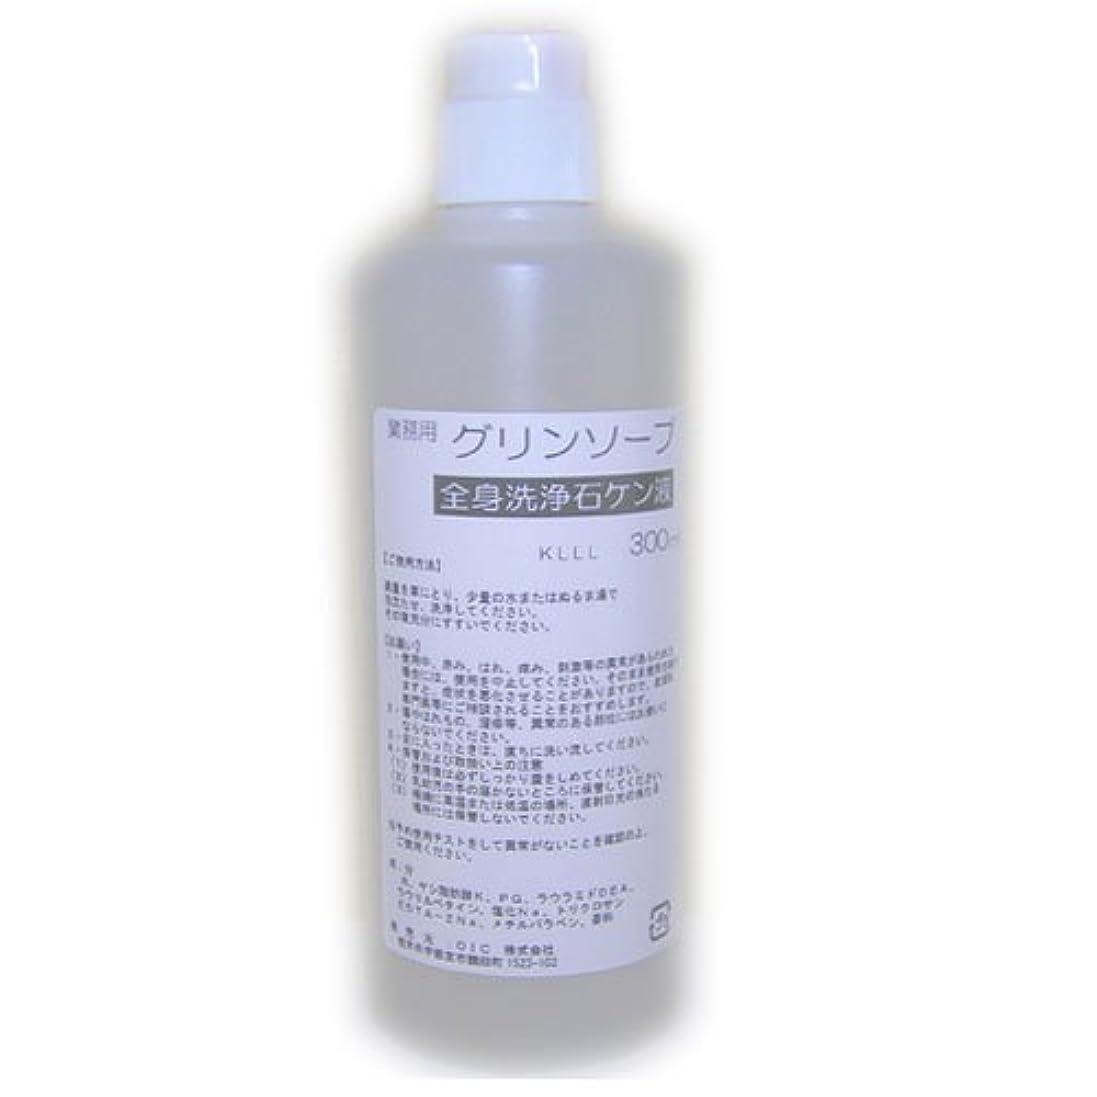 コードレス野望激しい業務用ボディソープ 殺菌成分配合?消毒石鹸液 グリンソープ (300ml)